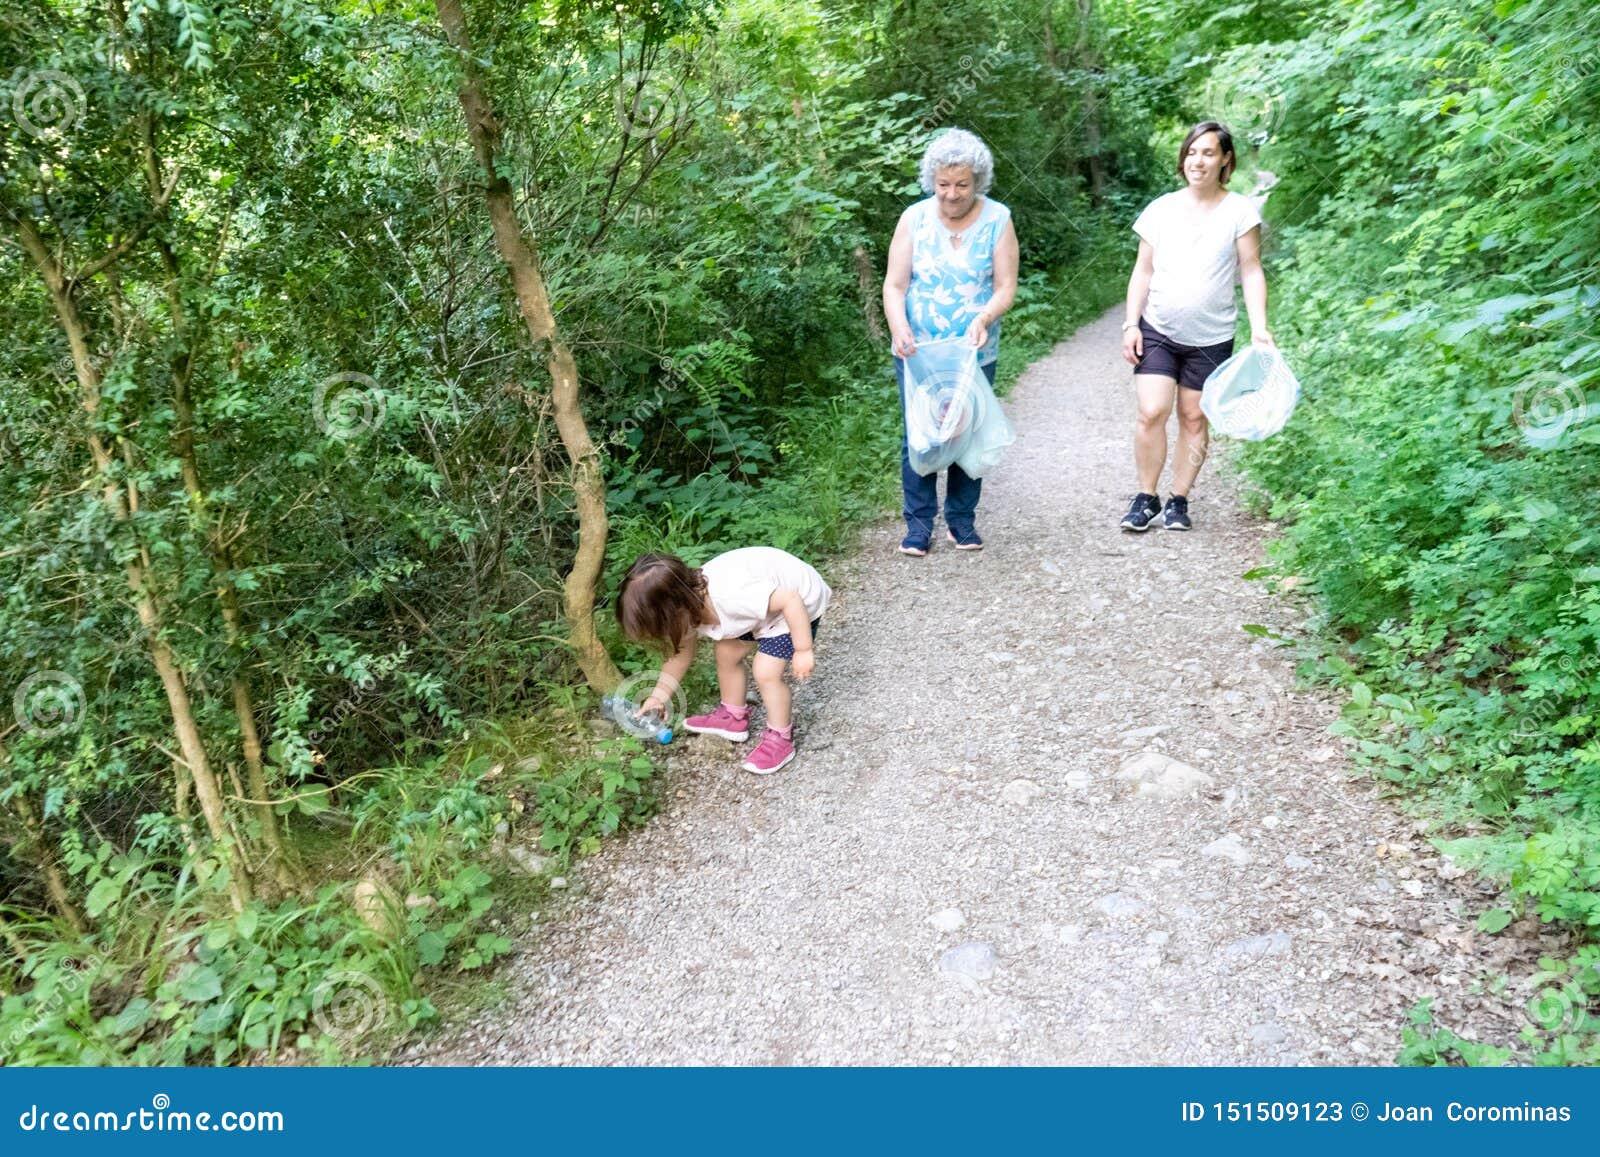 Niña, madre embarazada y abuela limpiando el bosque de plásticos